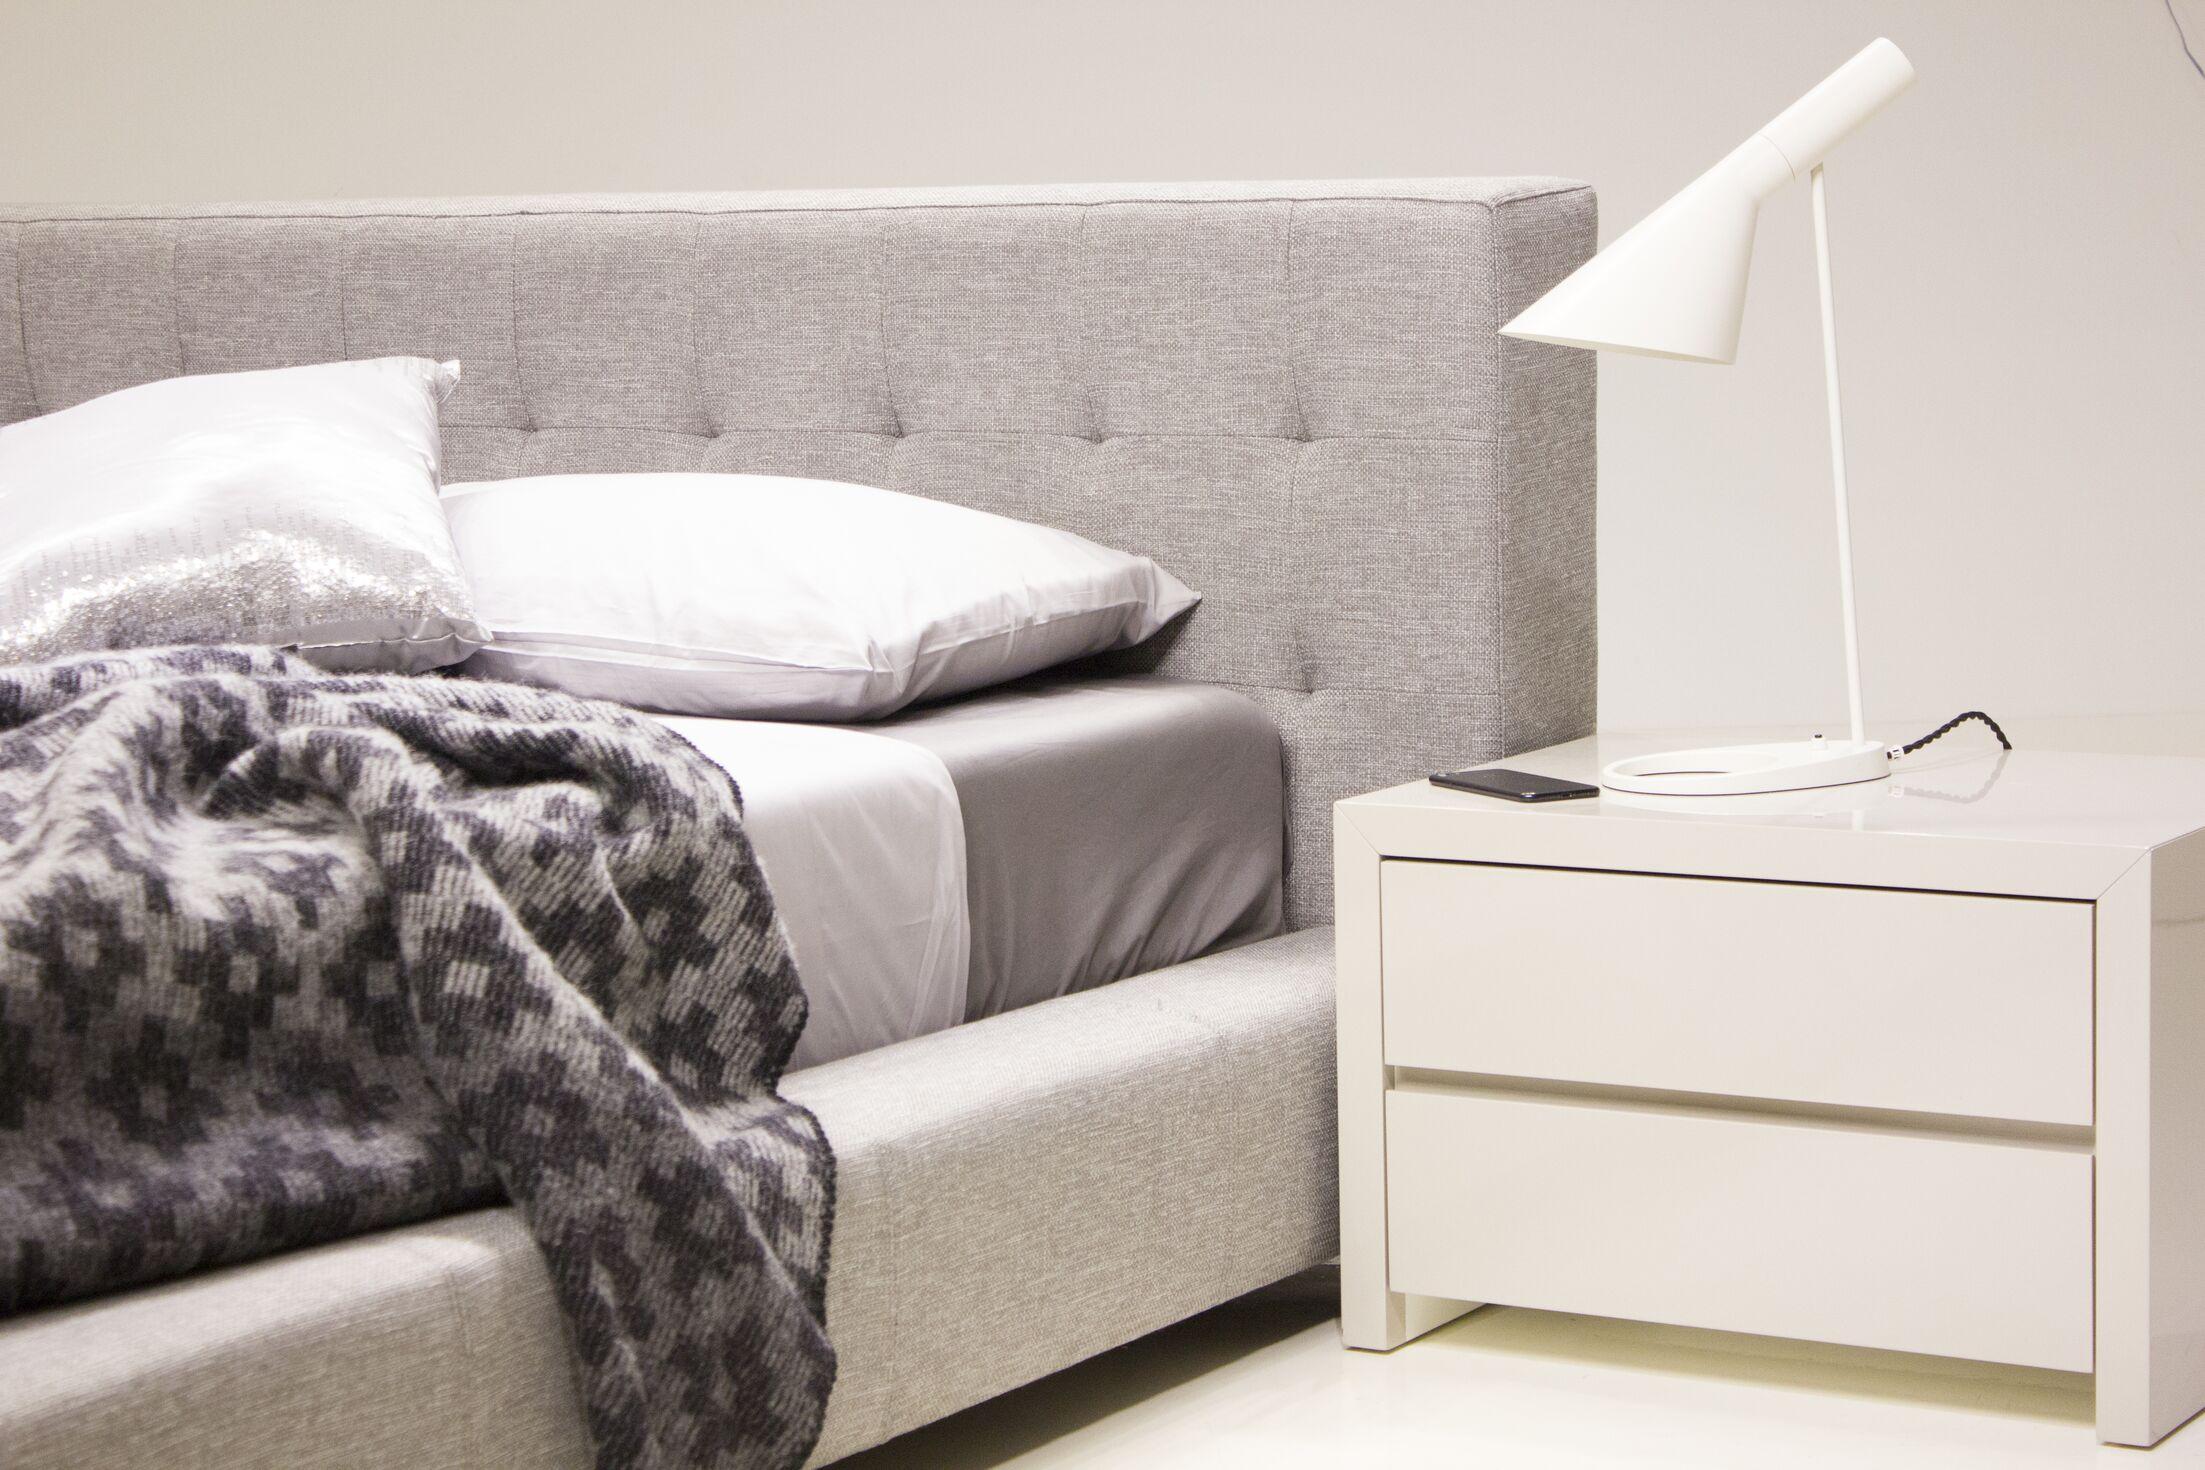 Fresca Upholstered Platform Bed Size: Queen, Color: Pewter Tweed